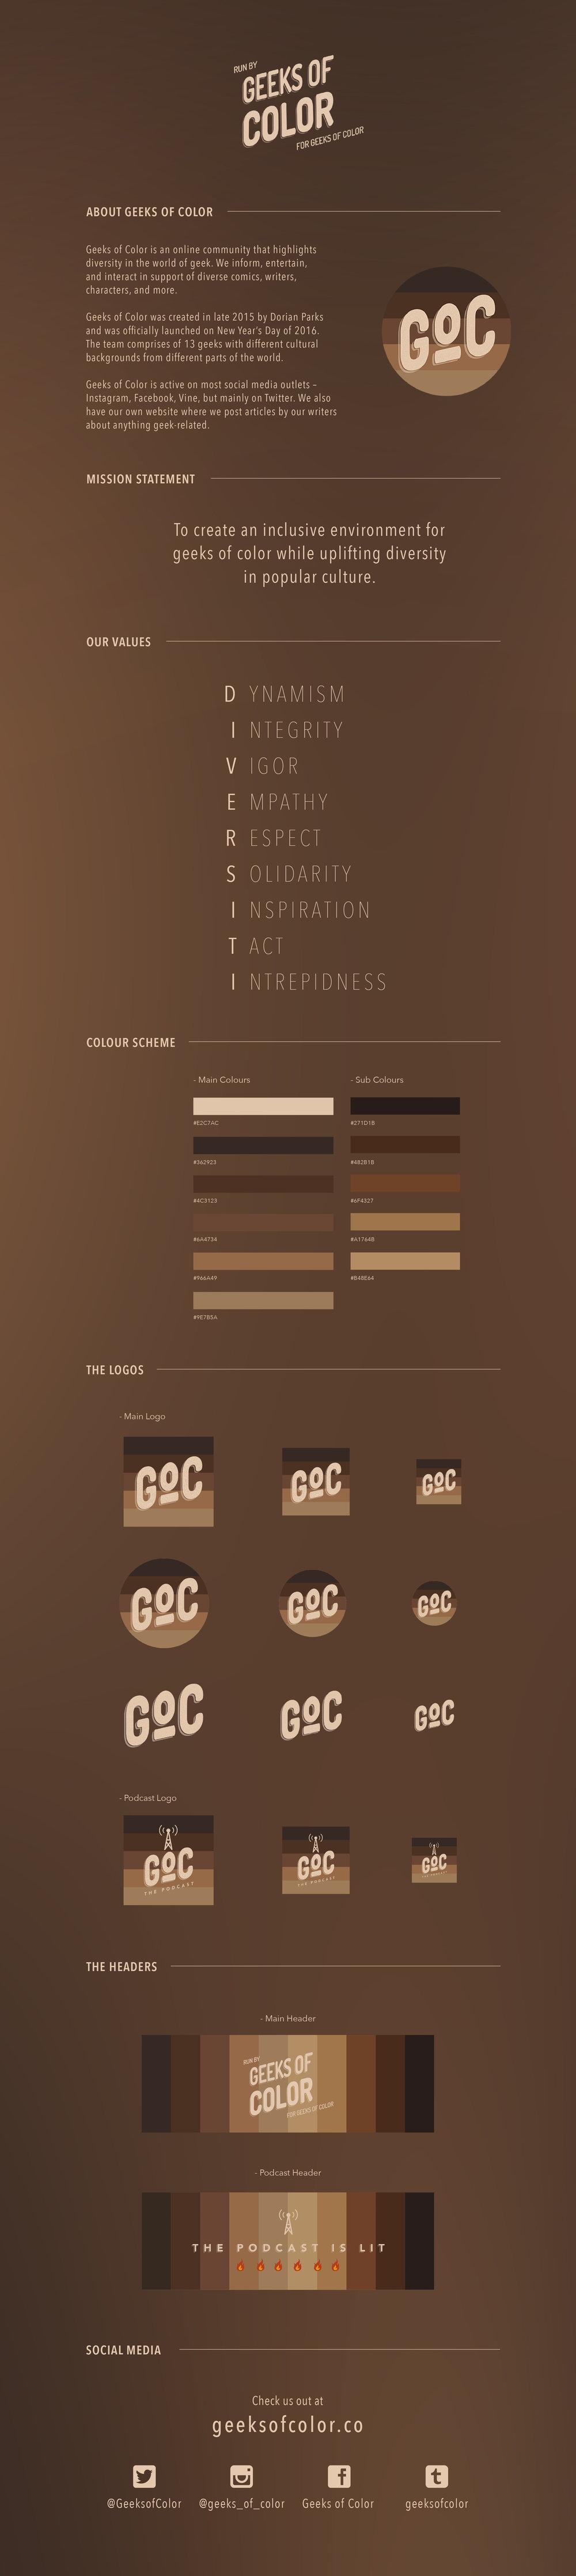 geeks_of_color_branding.jpg